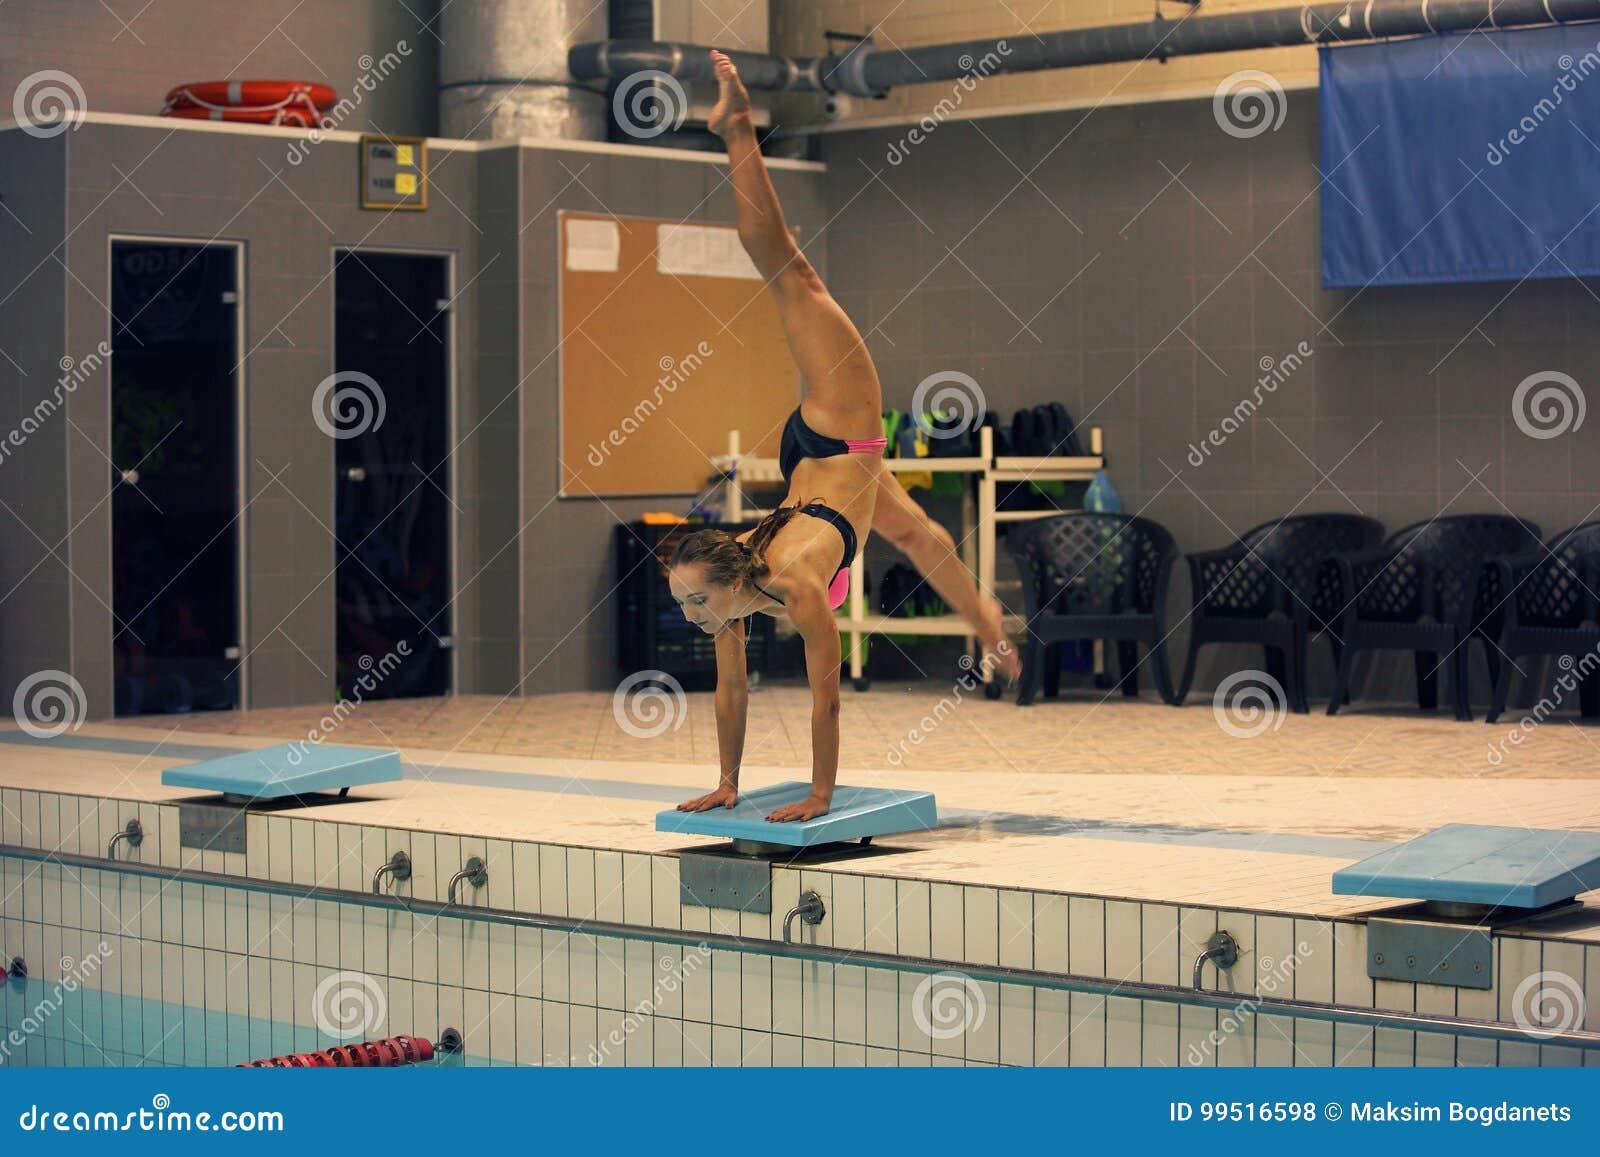 Menina pronta para saltar na piscina do esporte interno estar nos braços com pés acima